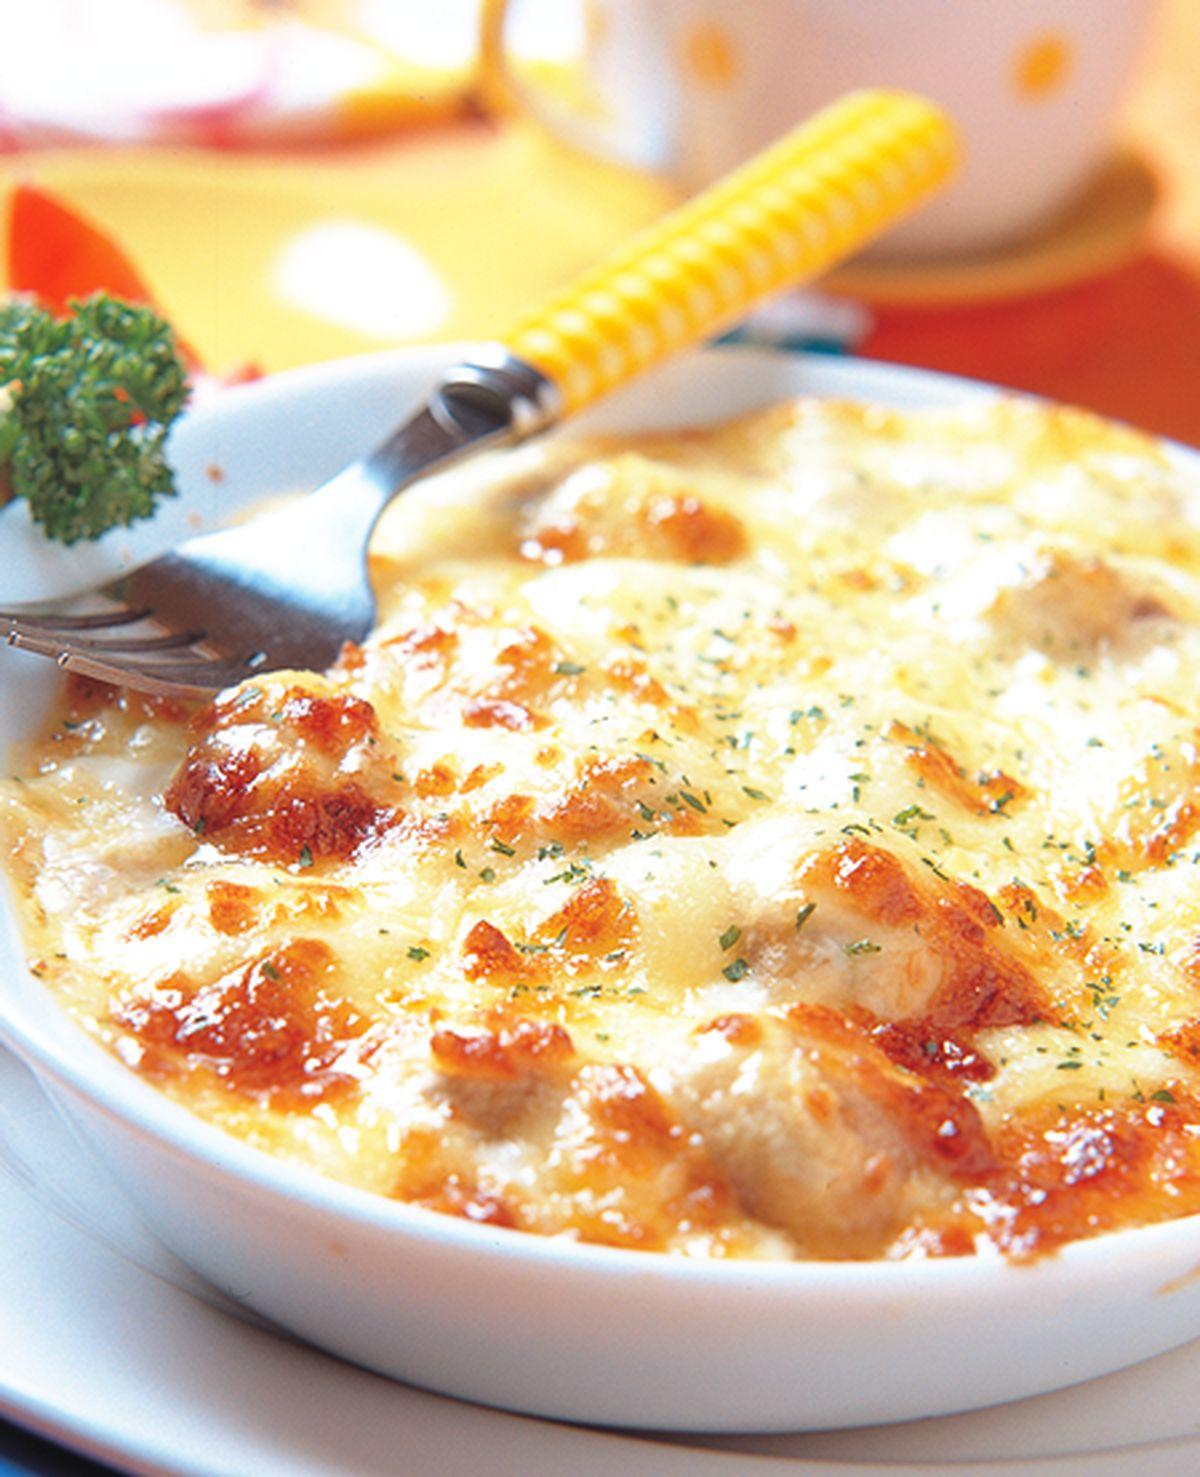 食譜:焗烤蘑菇